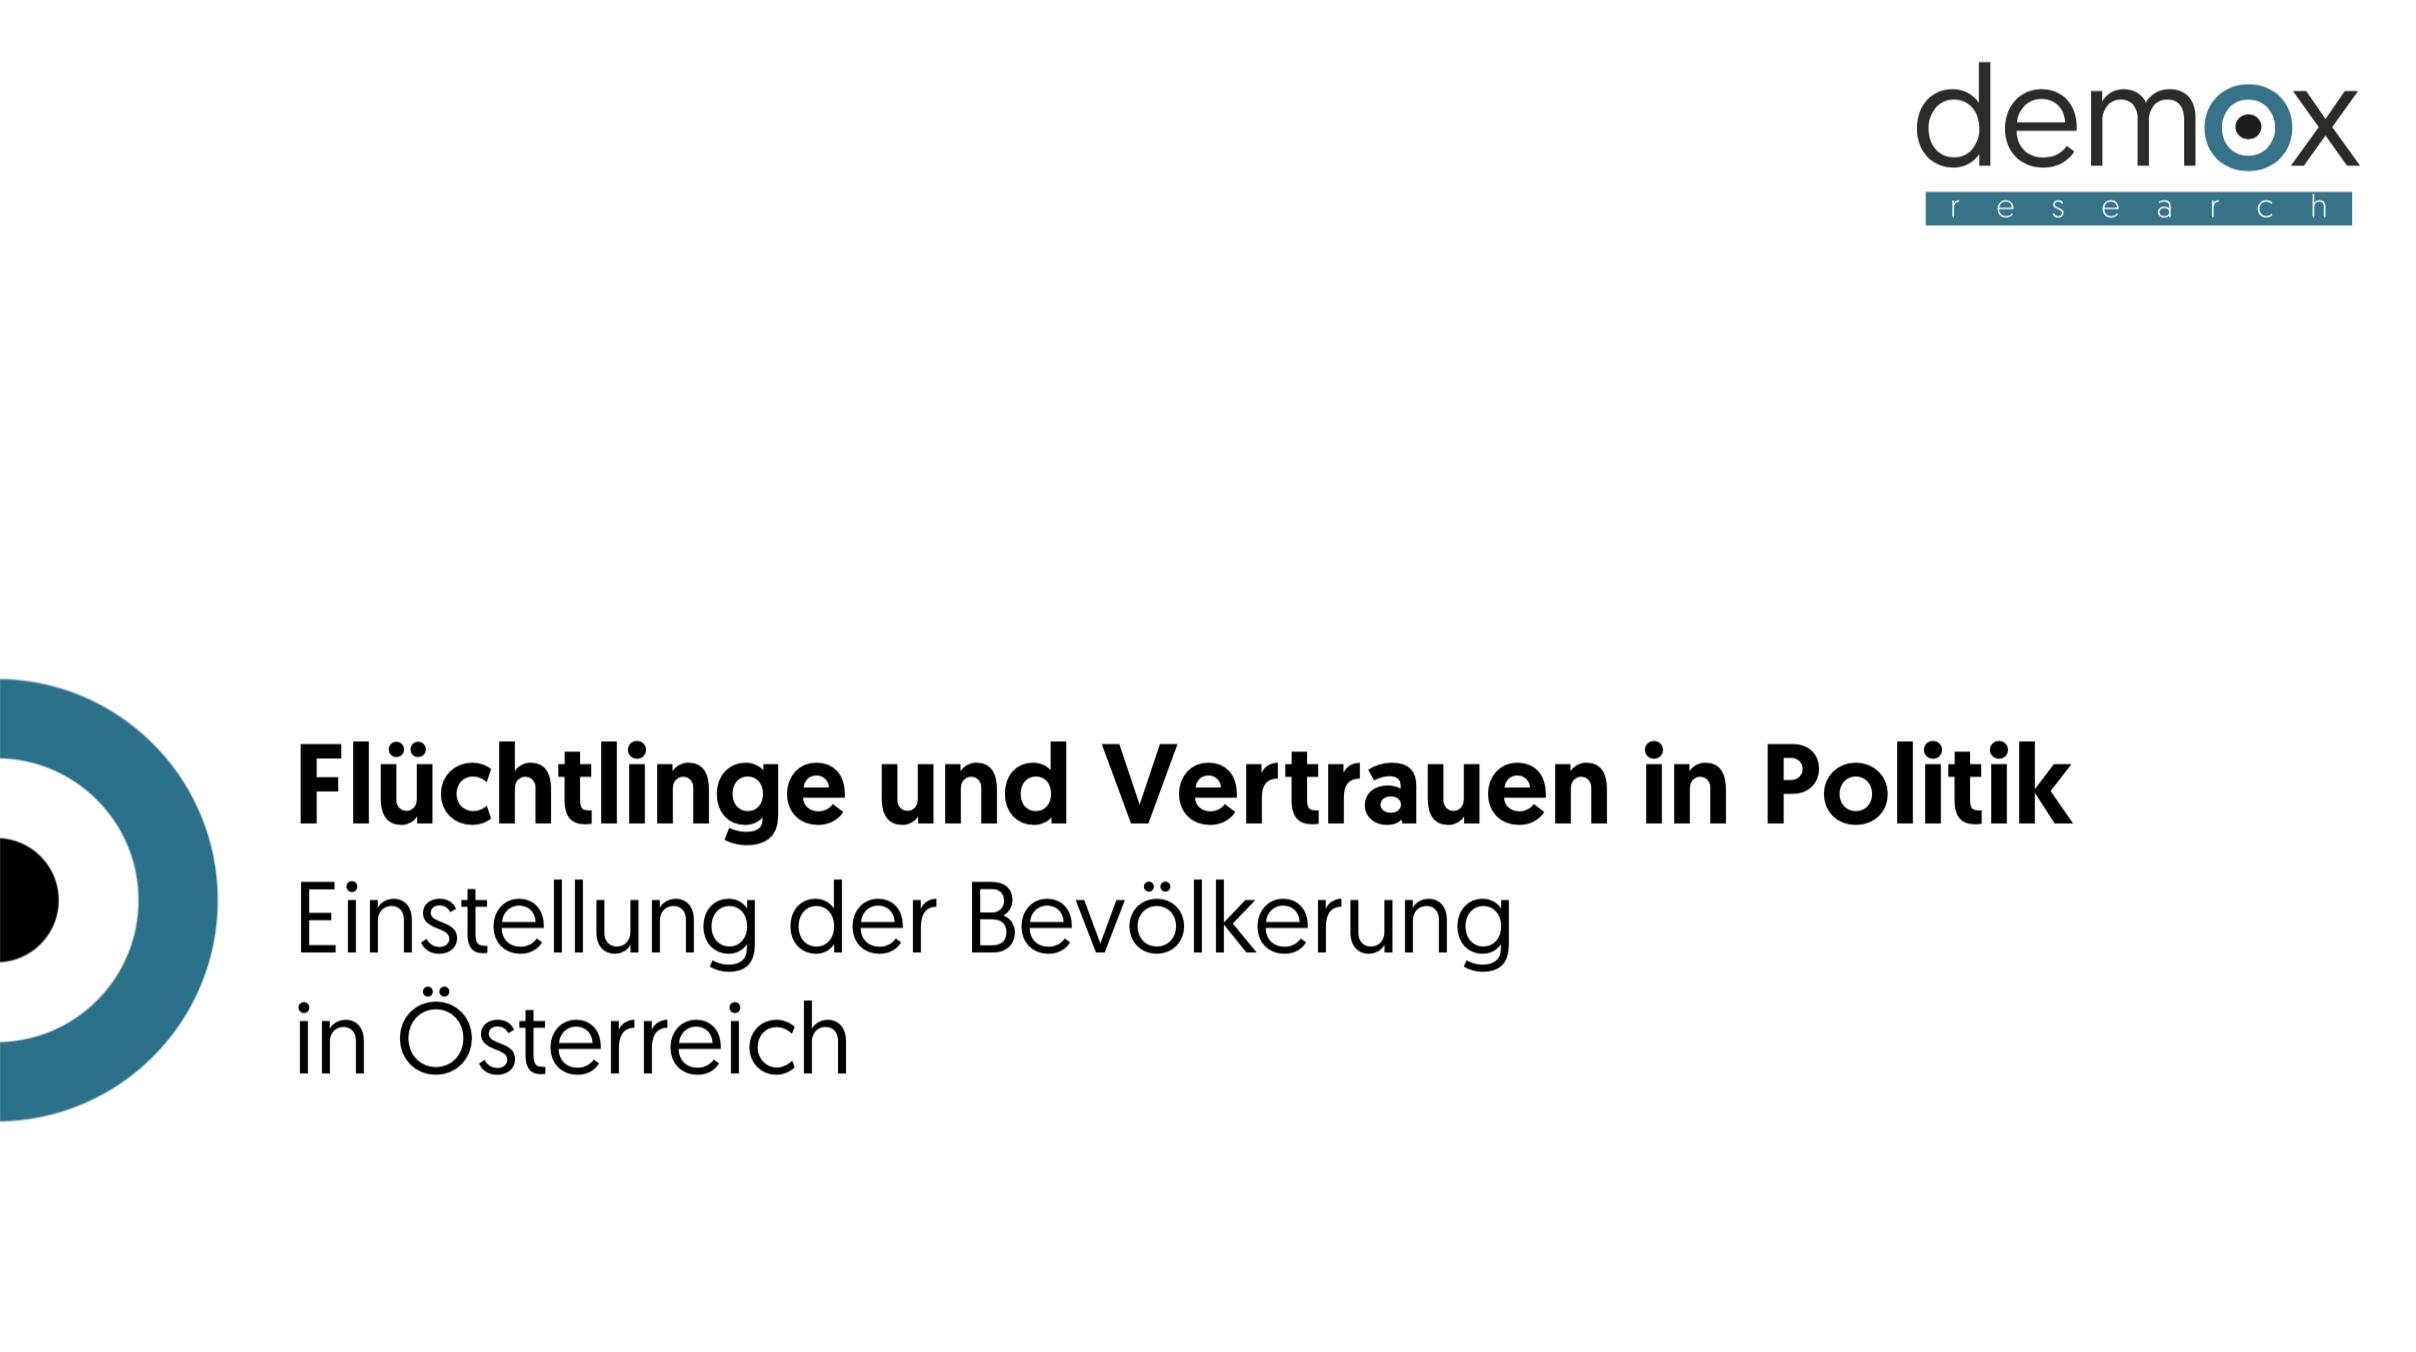 Flüchtlinge, Vertrauen in Politik, Studie - Demox Research. Marktforschung. Meinungsforschung.